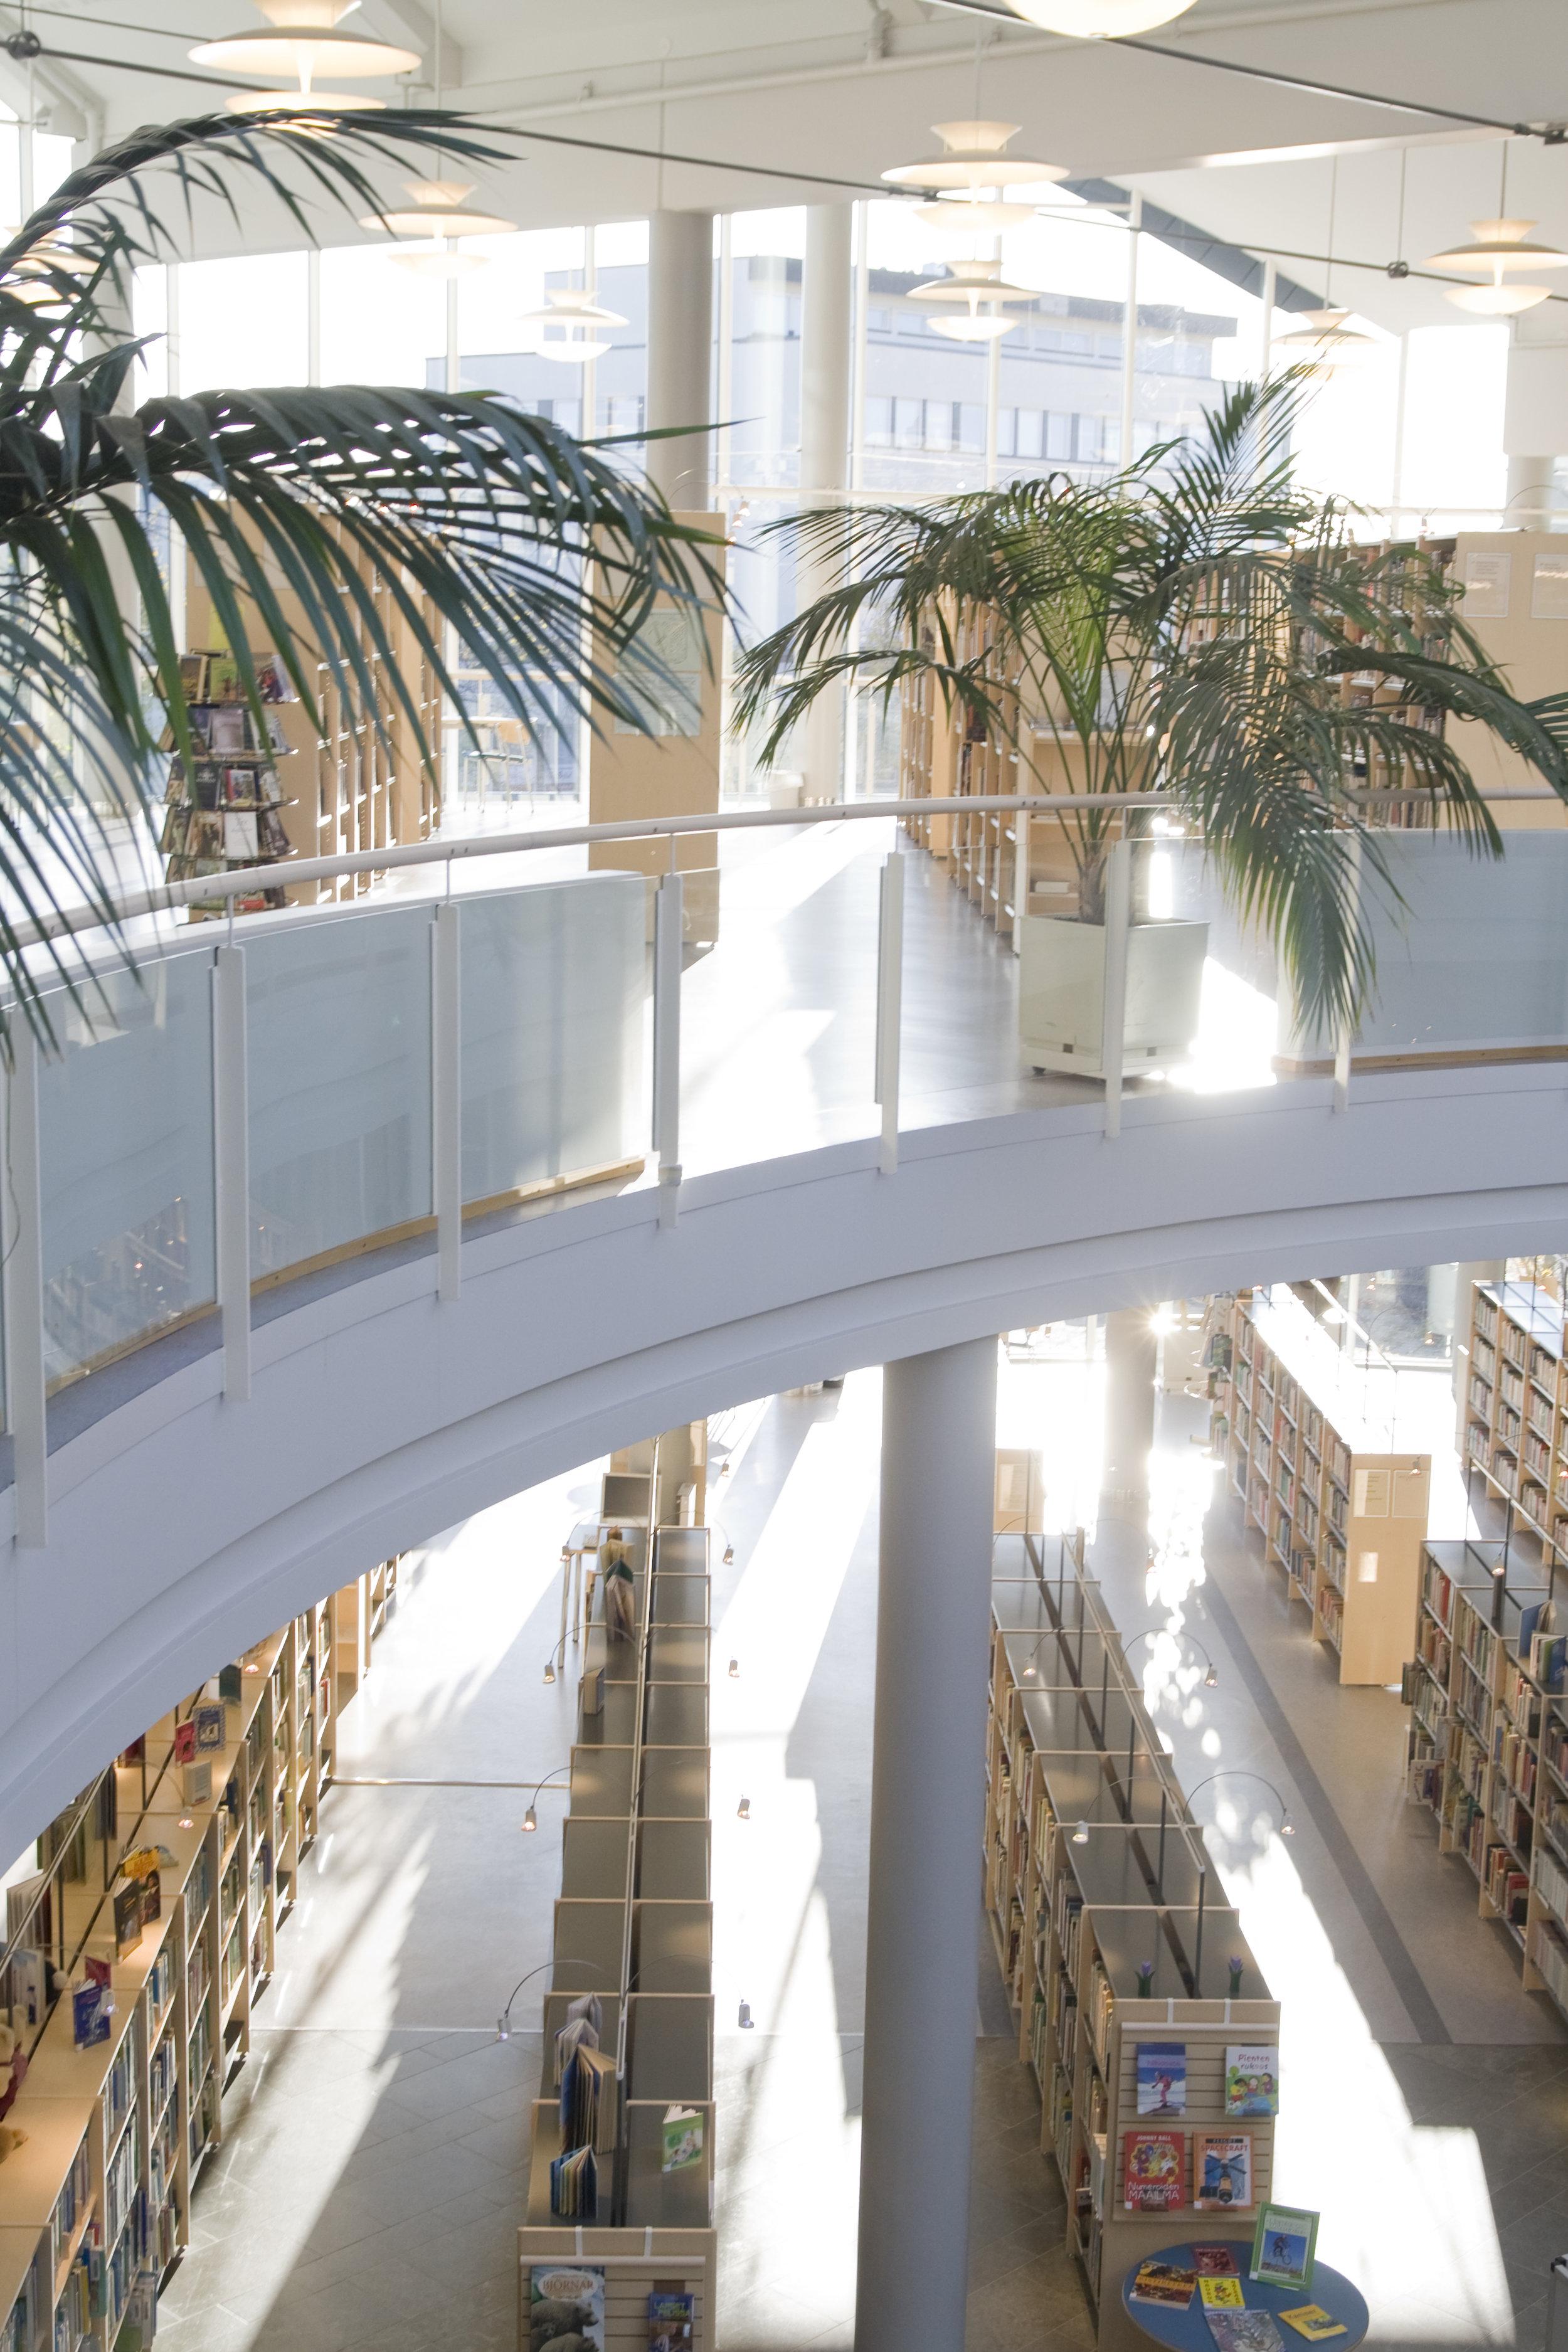 Kuva: Kaupungin kirjasto, Kuvaaja: Joni Virtanen